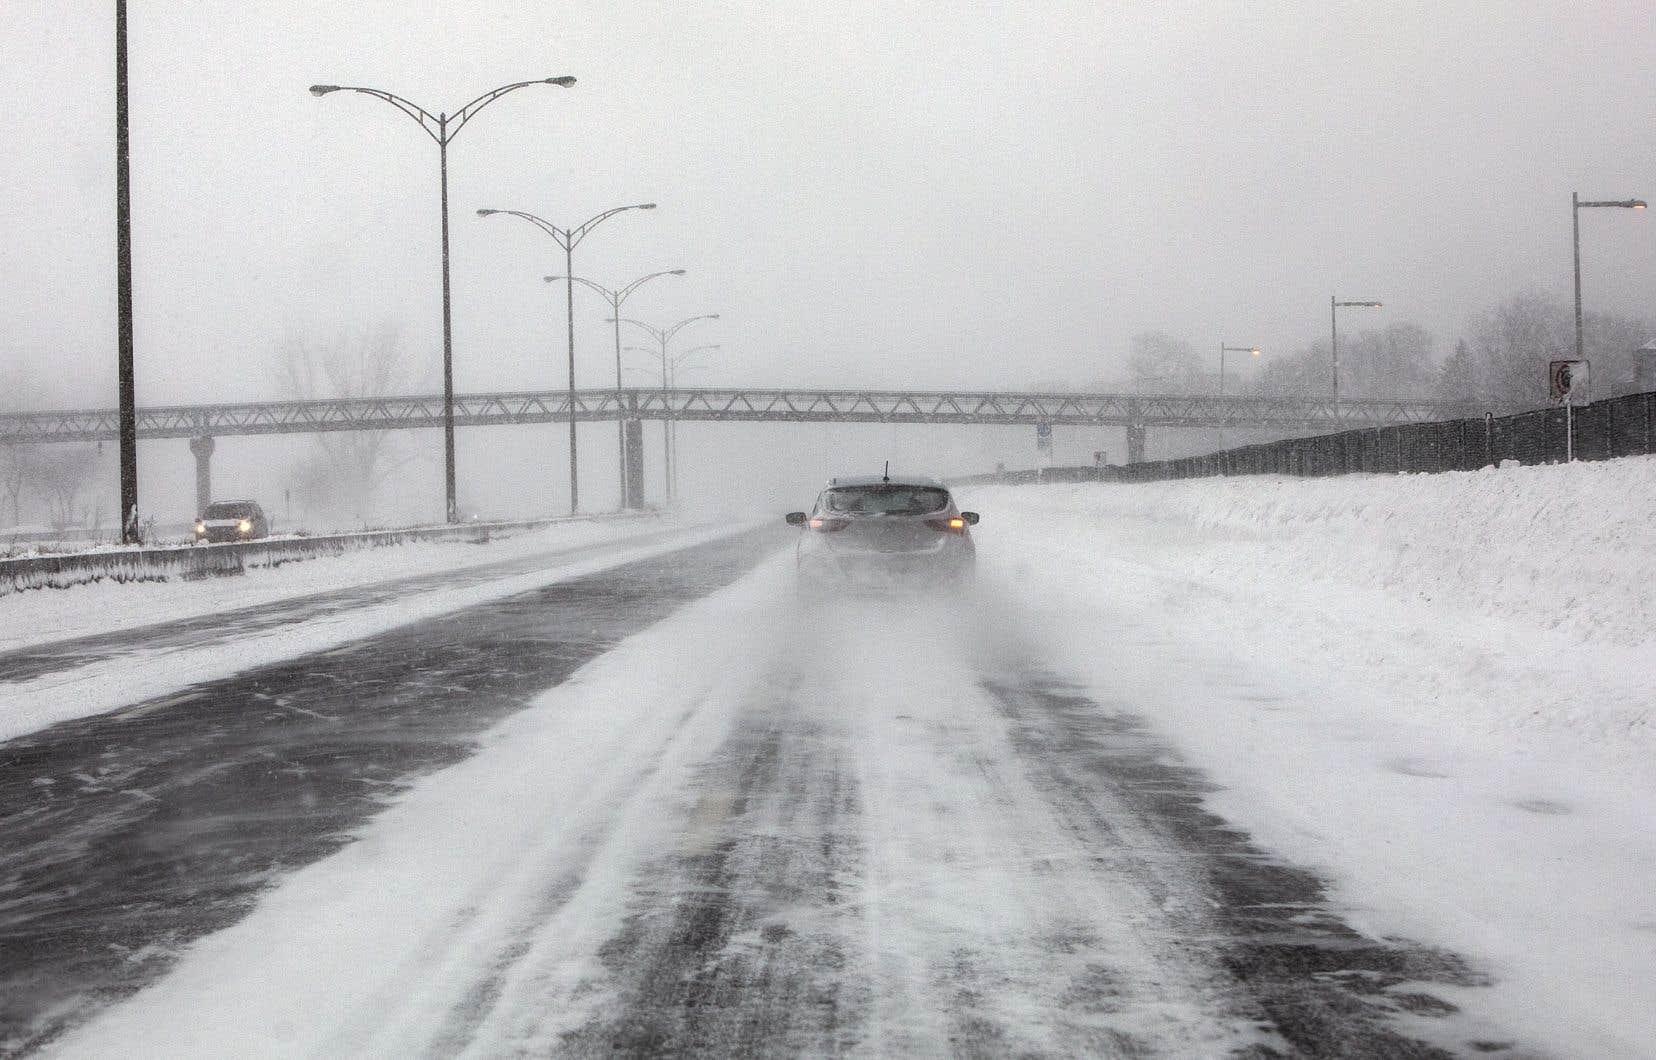 Les automobilistes qui étaient restés coincés pendant plusieurs heures sur l'autoroute13 lors d'une tempête de neige dans la nuit du 14 au 15 mars 2017 commenceront à recevoir leurs indemnisations dans les prochaines semaines, a confirmé Me Marc-Antoine Cloutier.